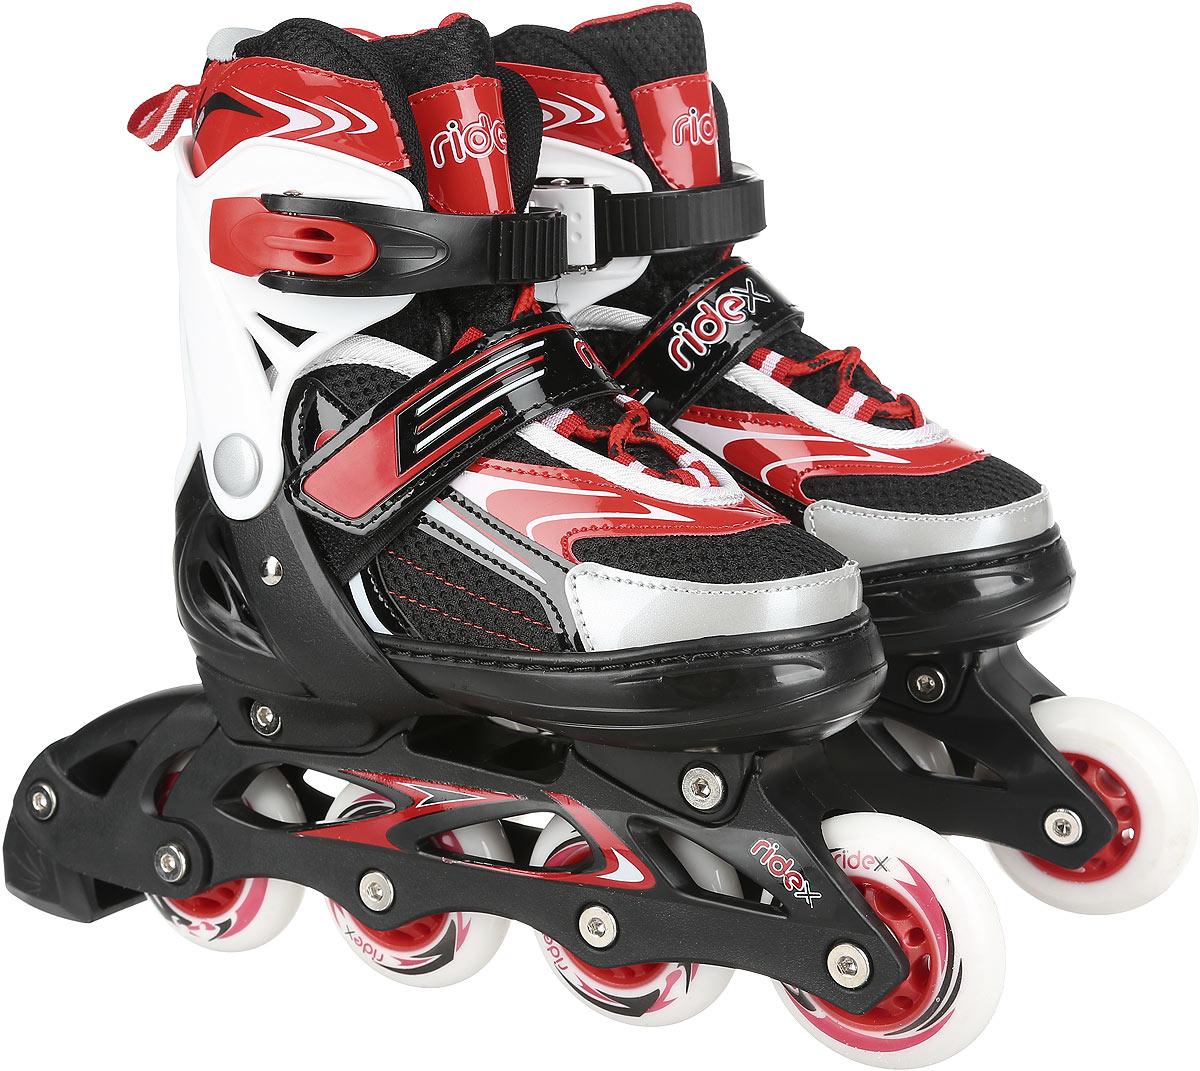 Коньки роликовые Ridex Target, раздвижные, цвет: черный, белый, красный. УТ-00008100. Размер 34/37 - Ролики